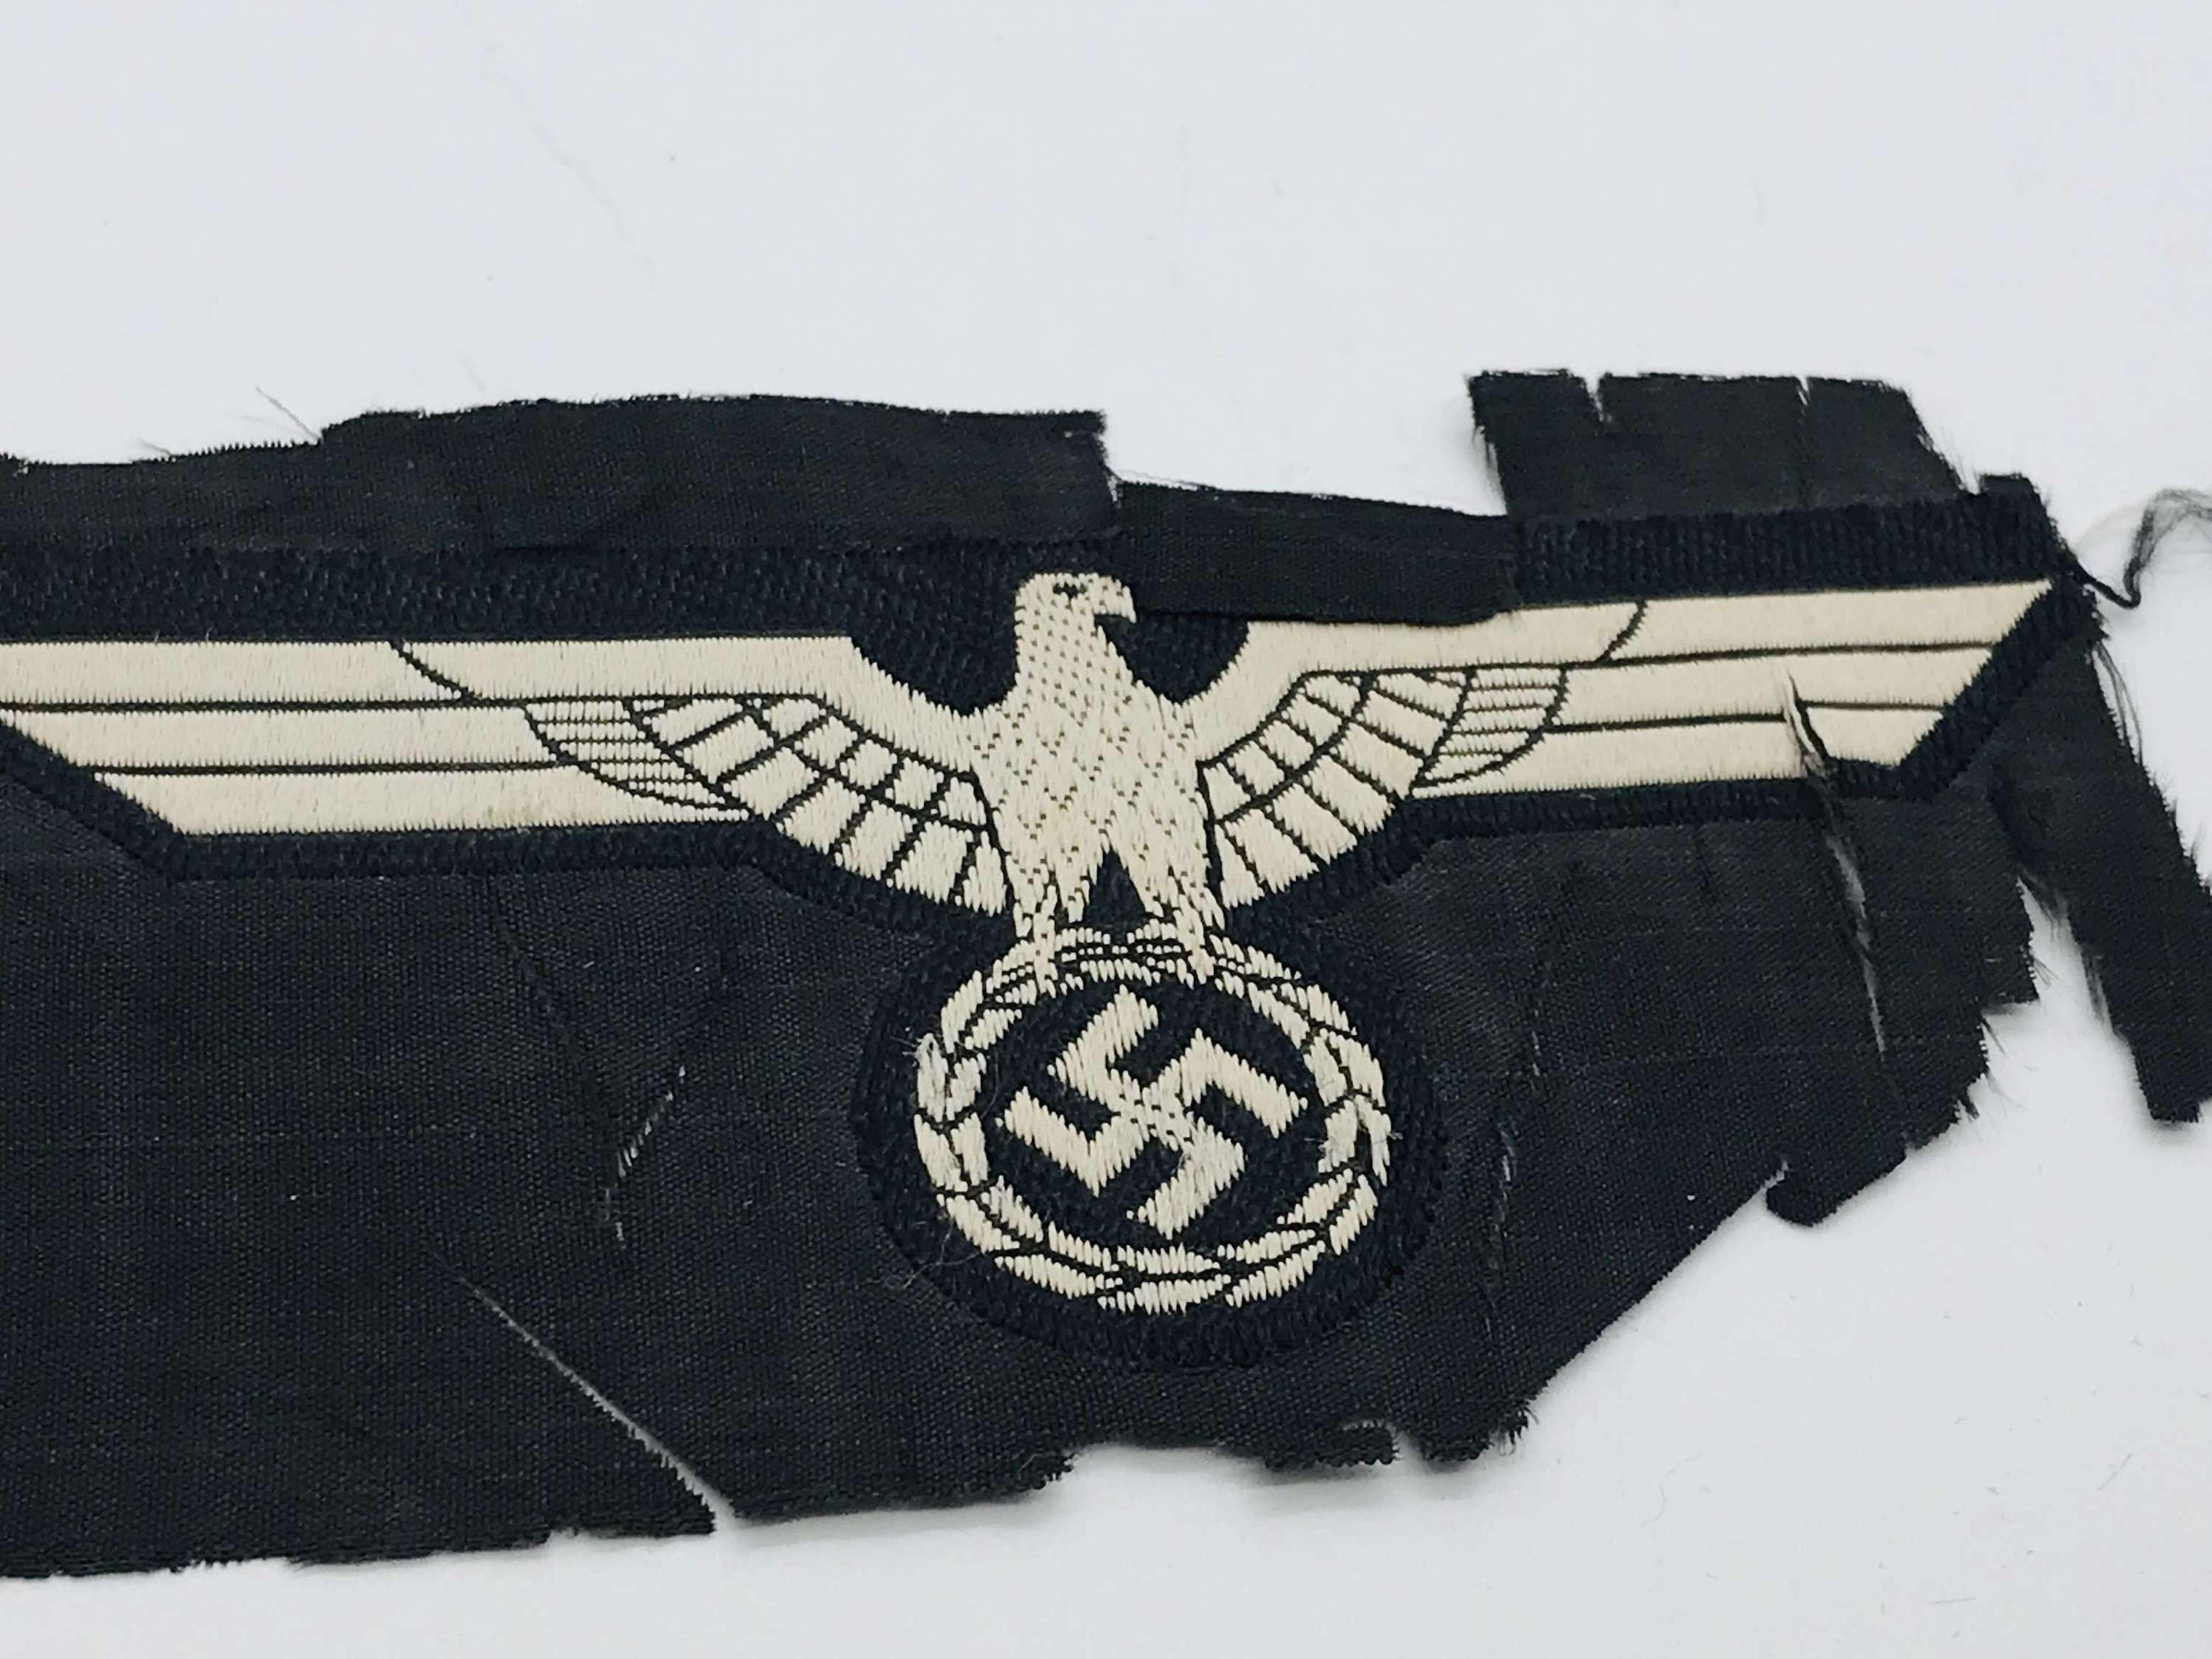 Panzer Bevo eagle